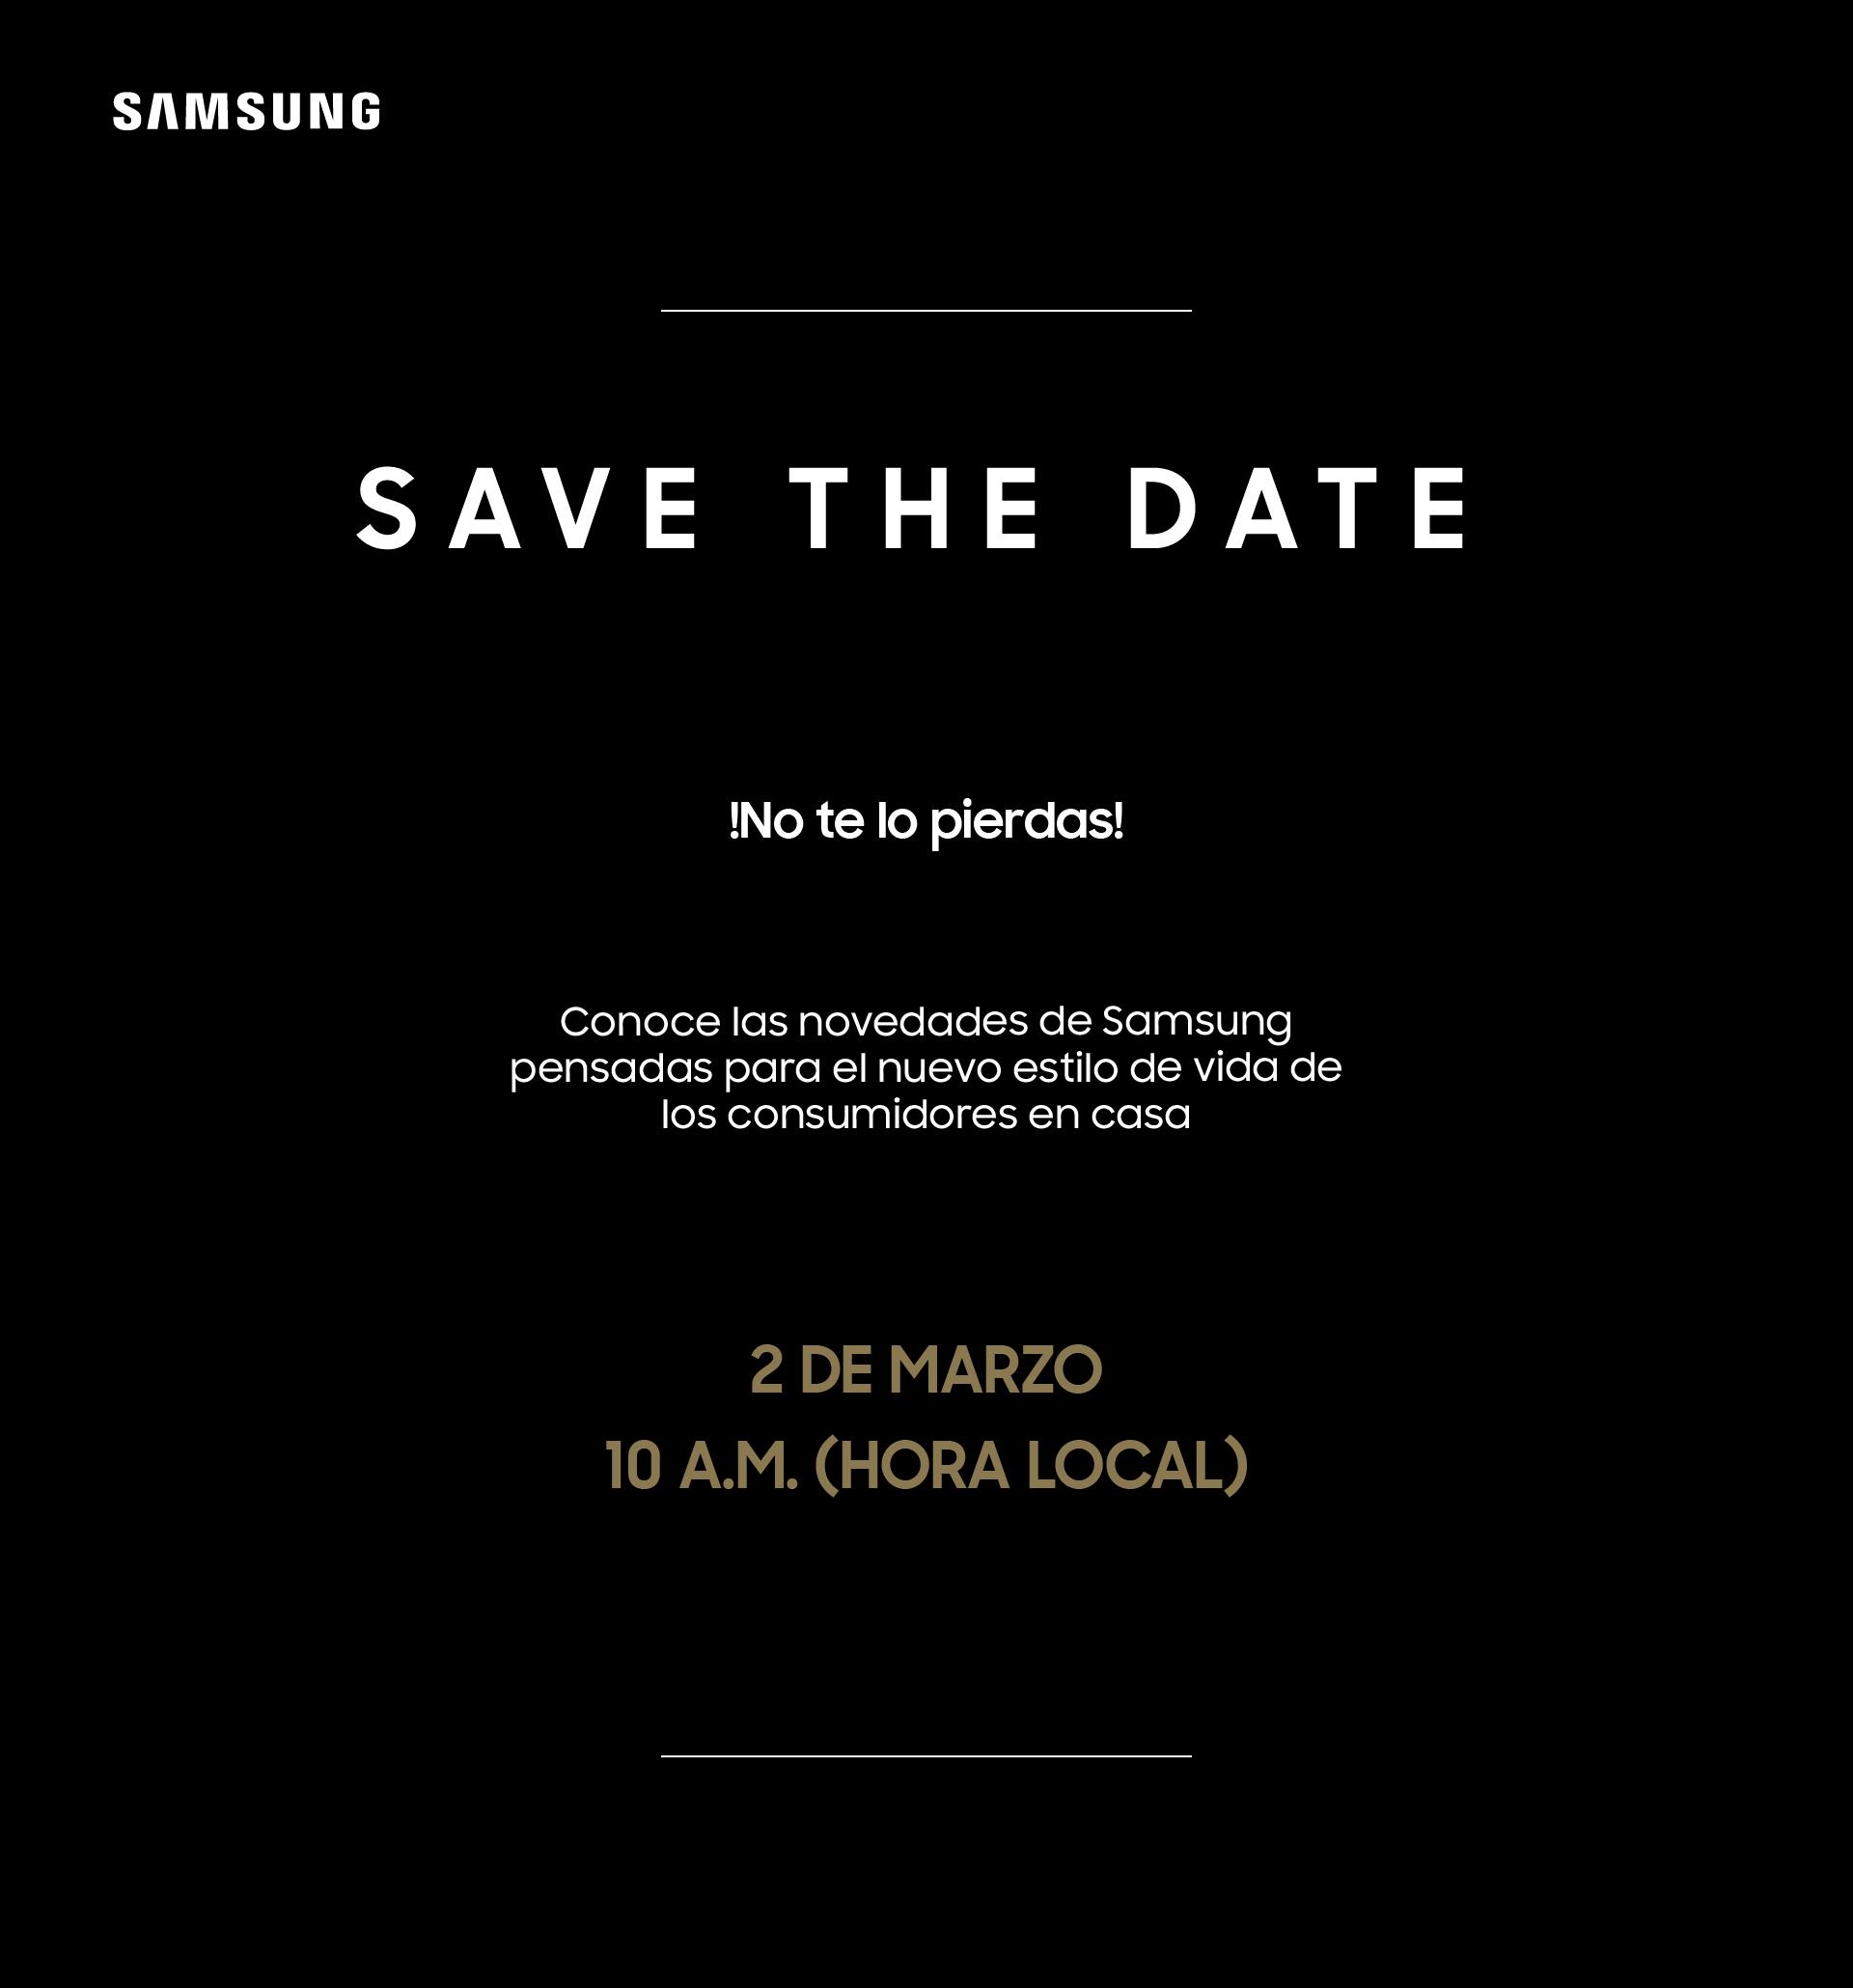 El próximo 2 de marzo, Samsung Electronics desarrollará el evento Life Unboxed, para compartirsu visión de cómo sus nuevos productos